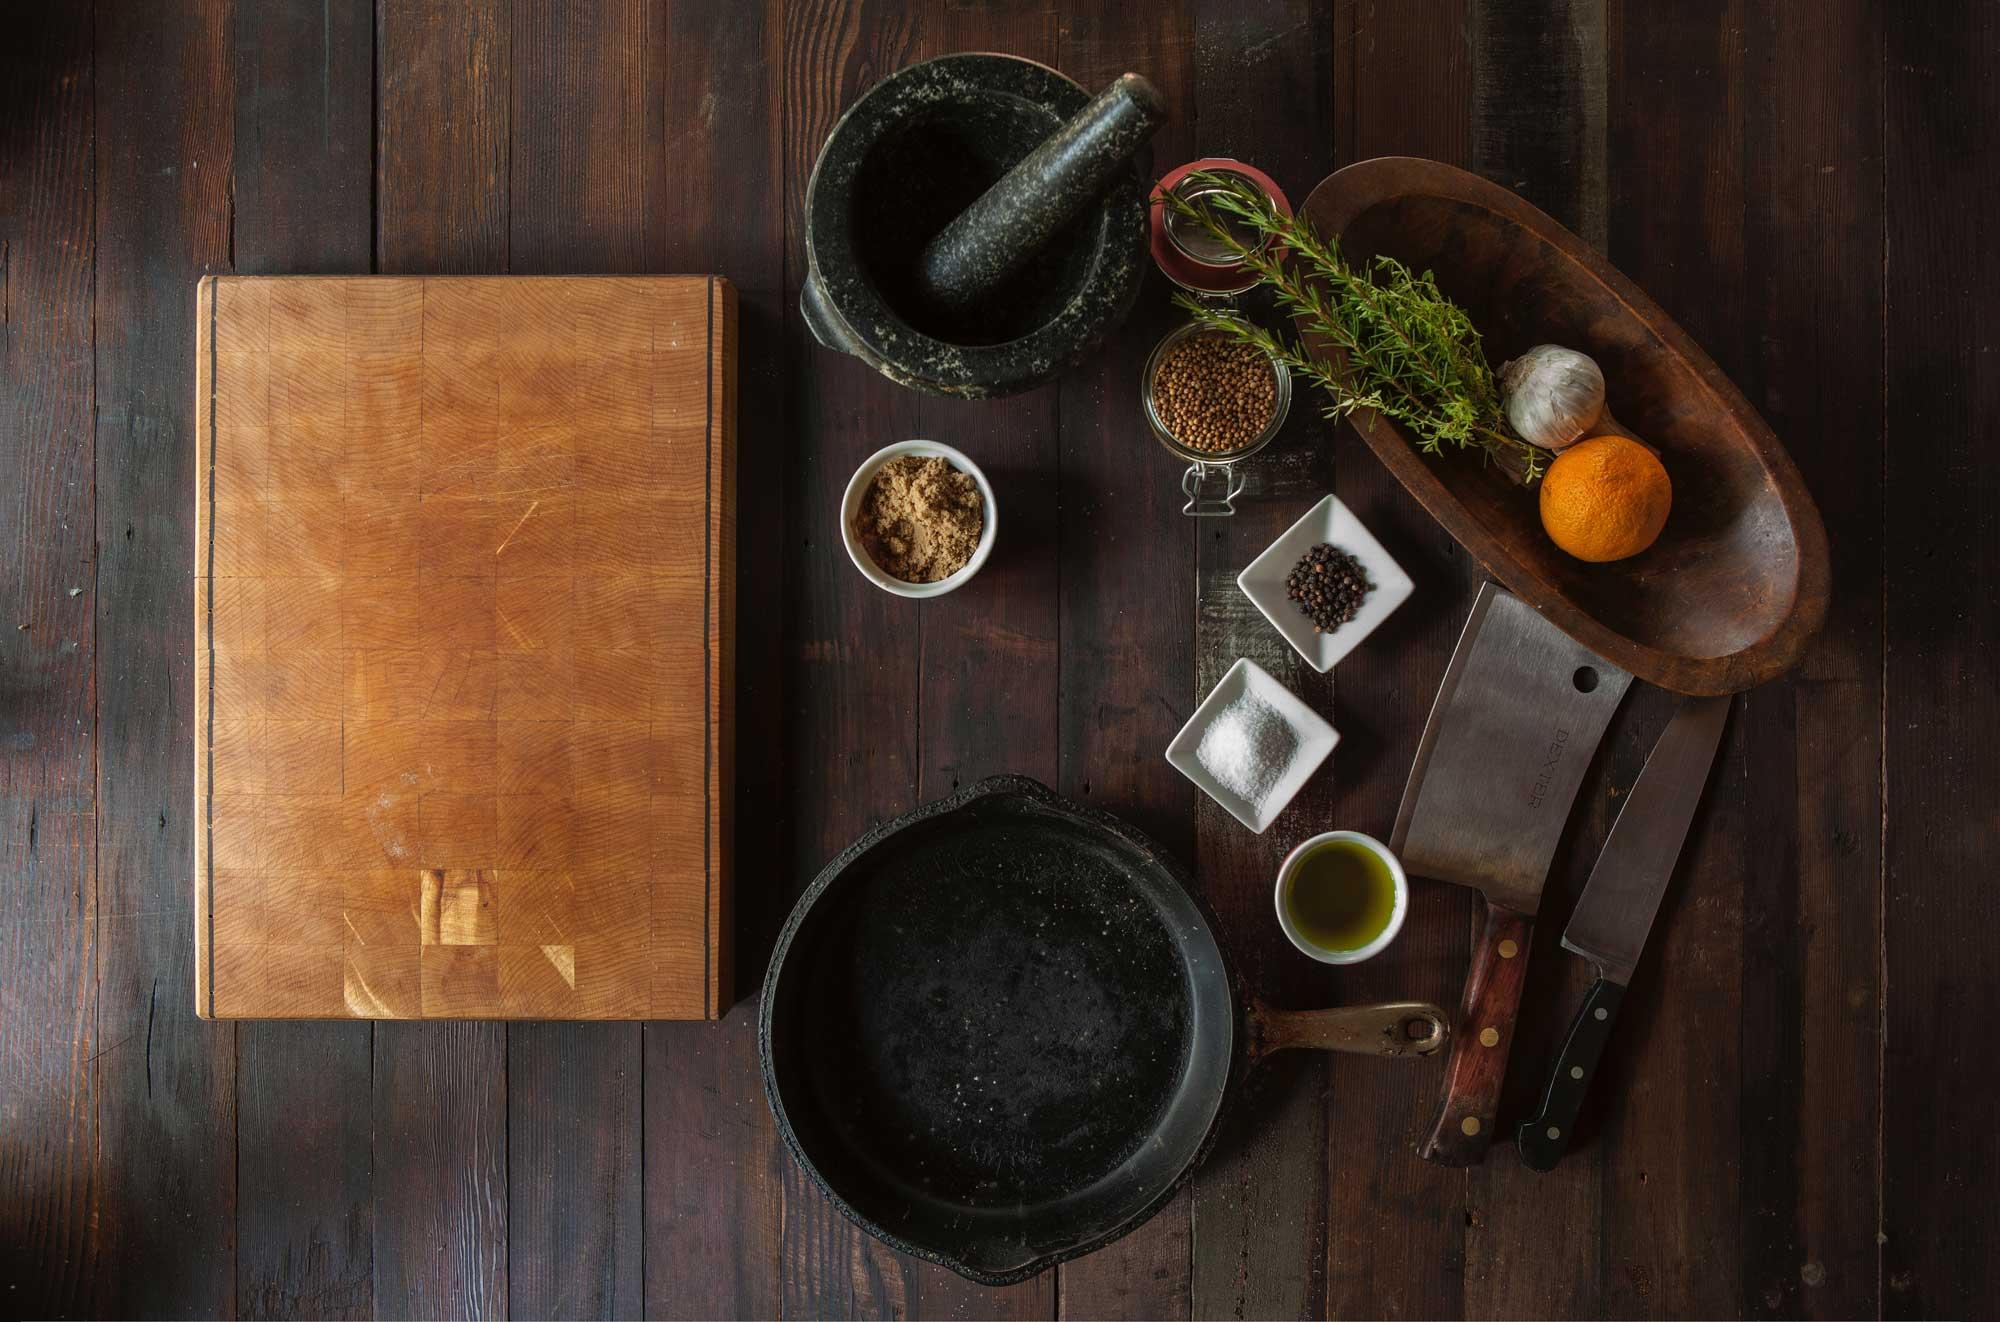 Raspored kuhinjskih elemenata